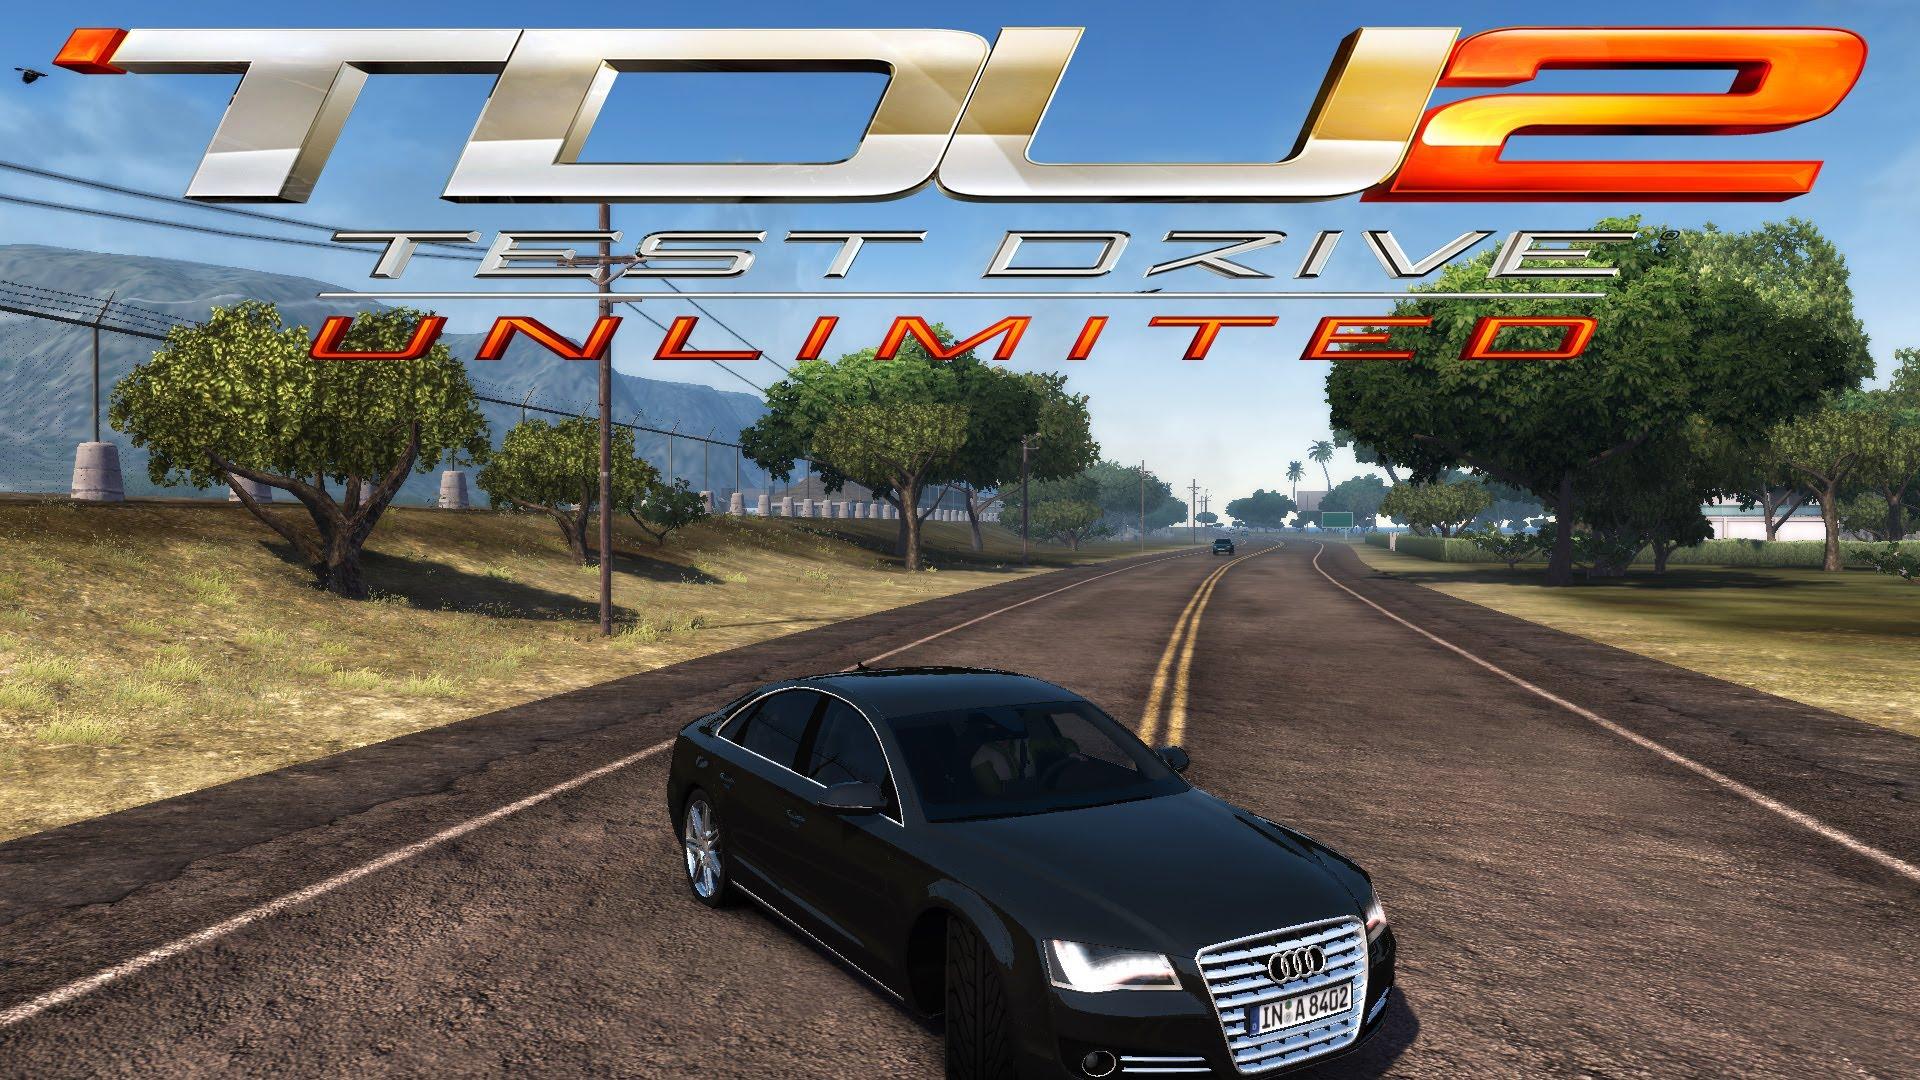 Test Drive Unlimited 2 telecharger gratuit de PC et Torrent